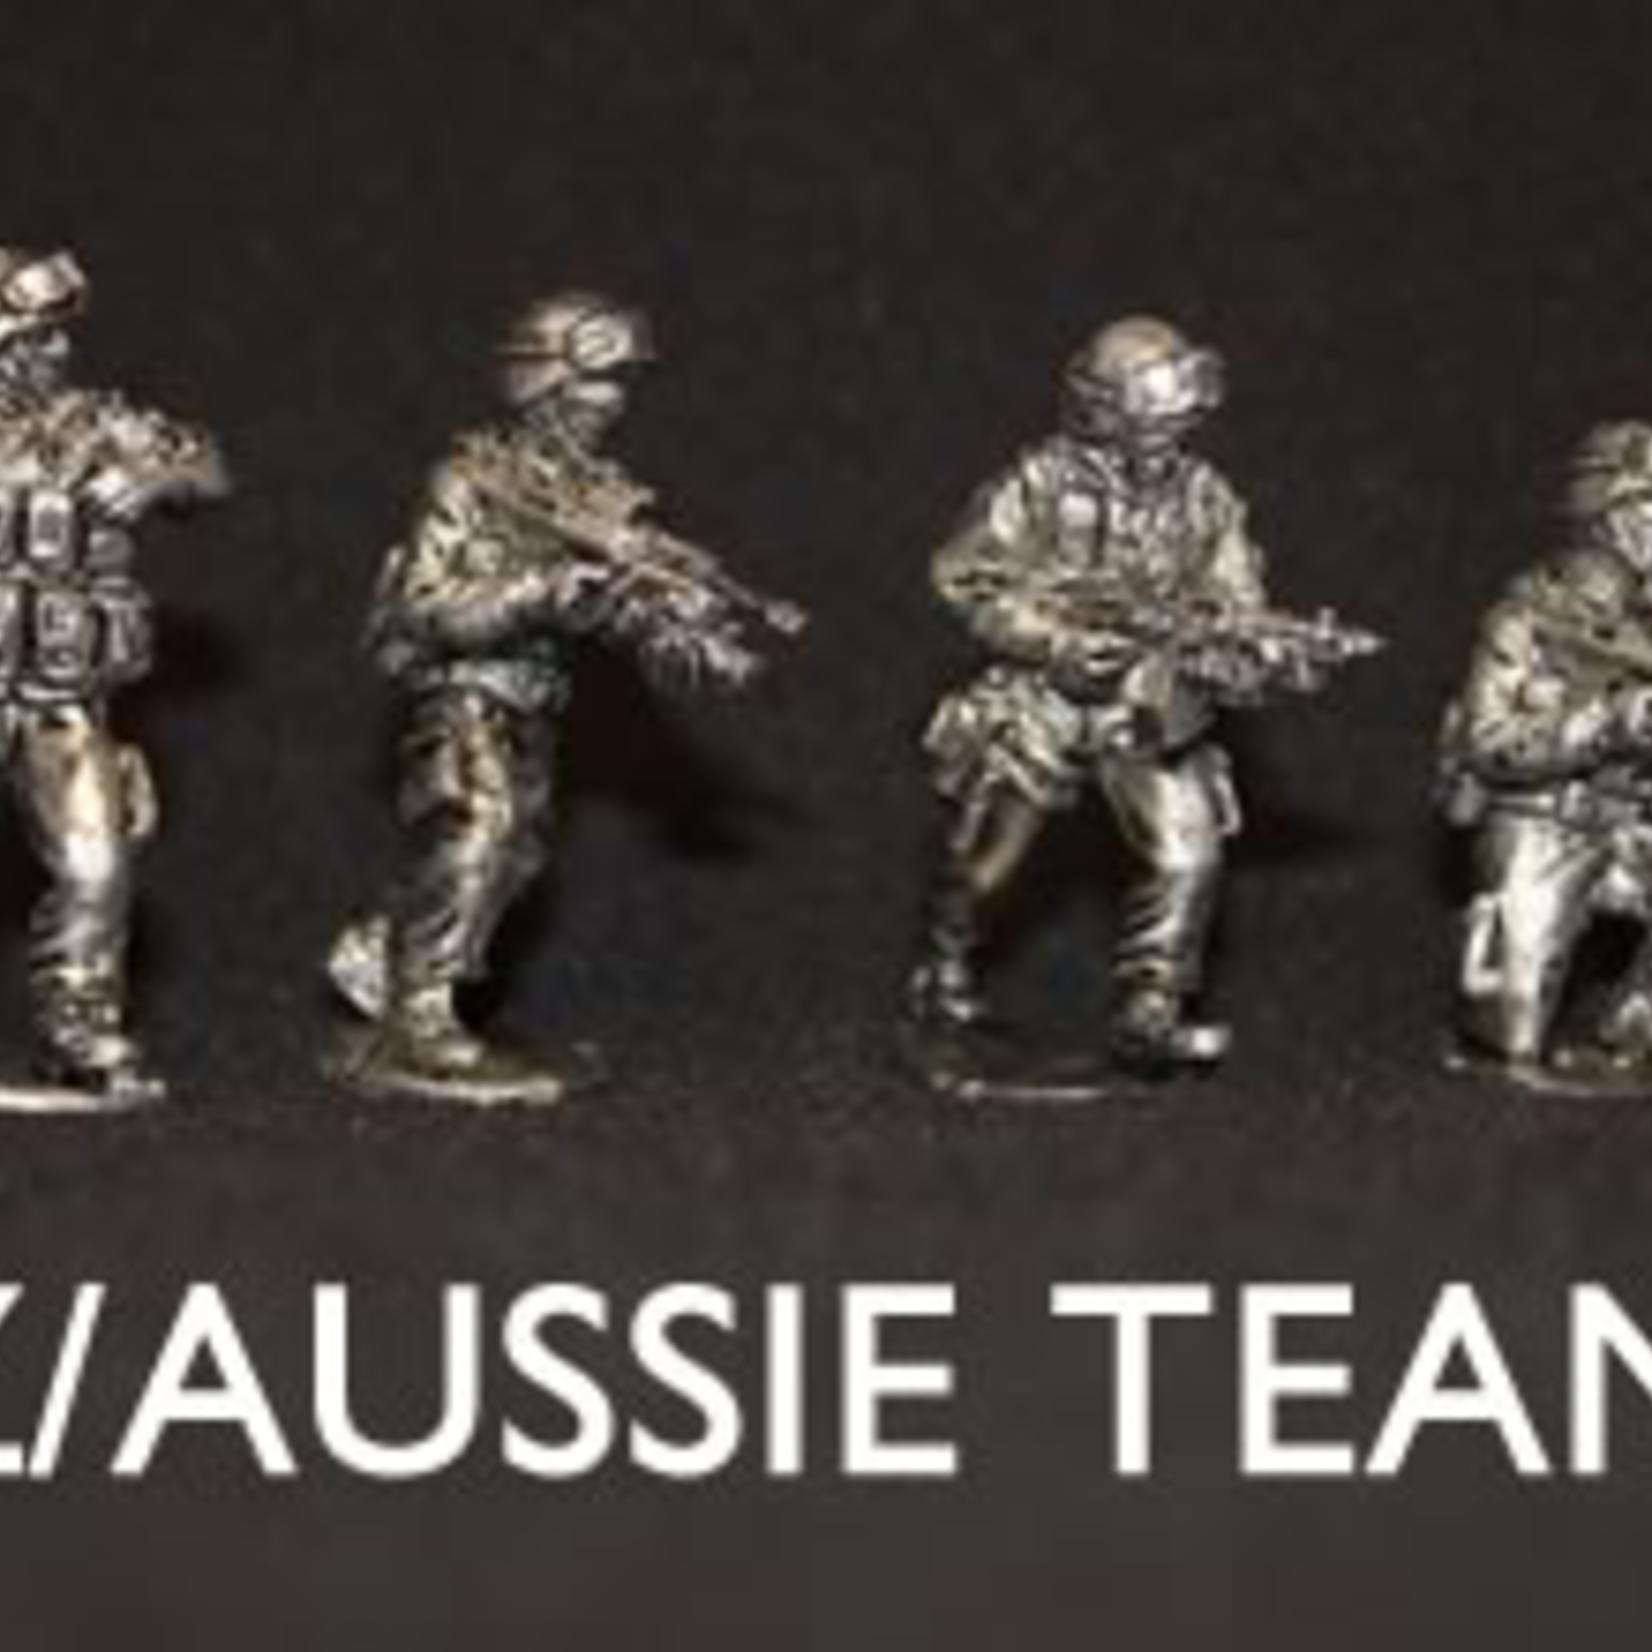 NZ/Aussie Team C